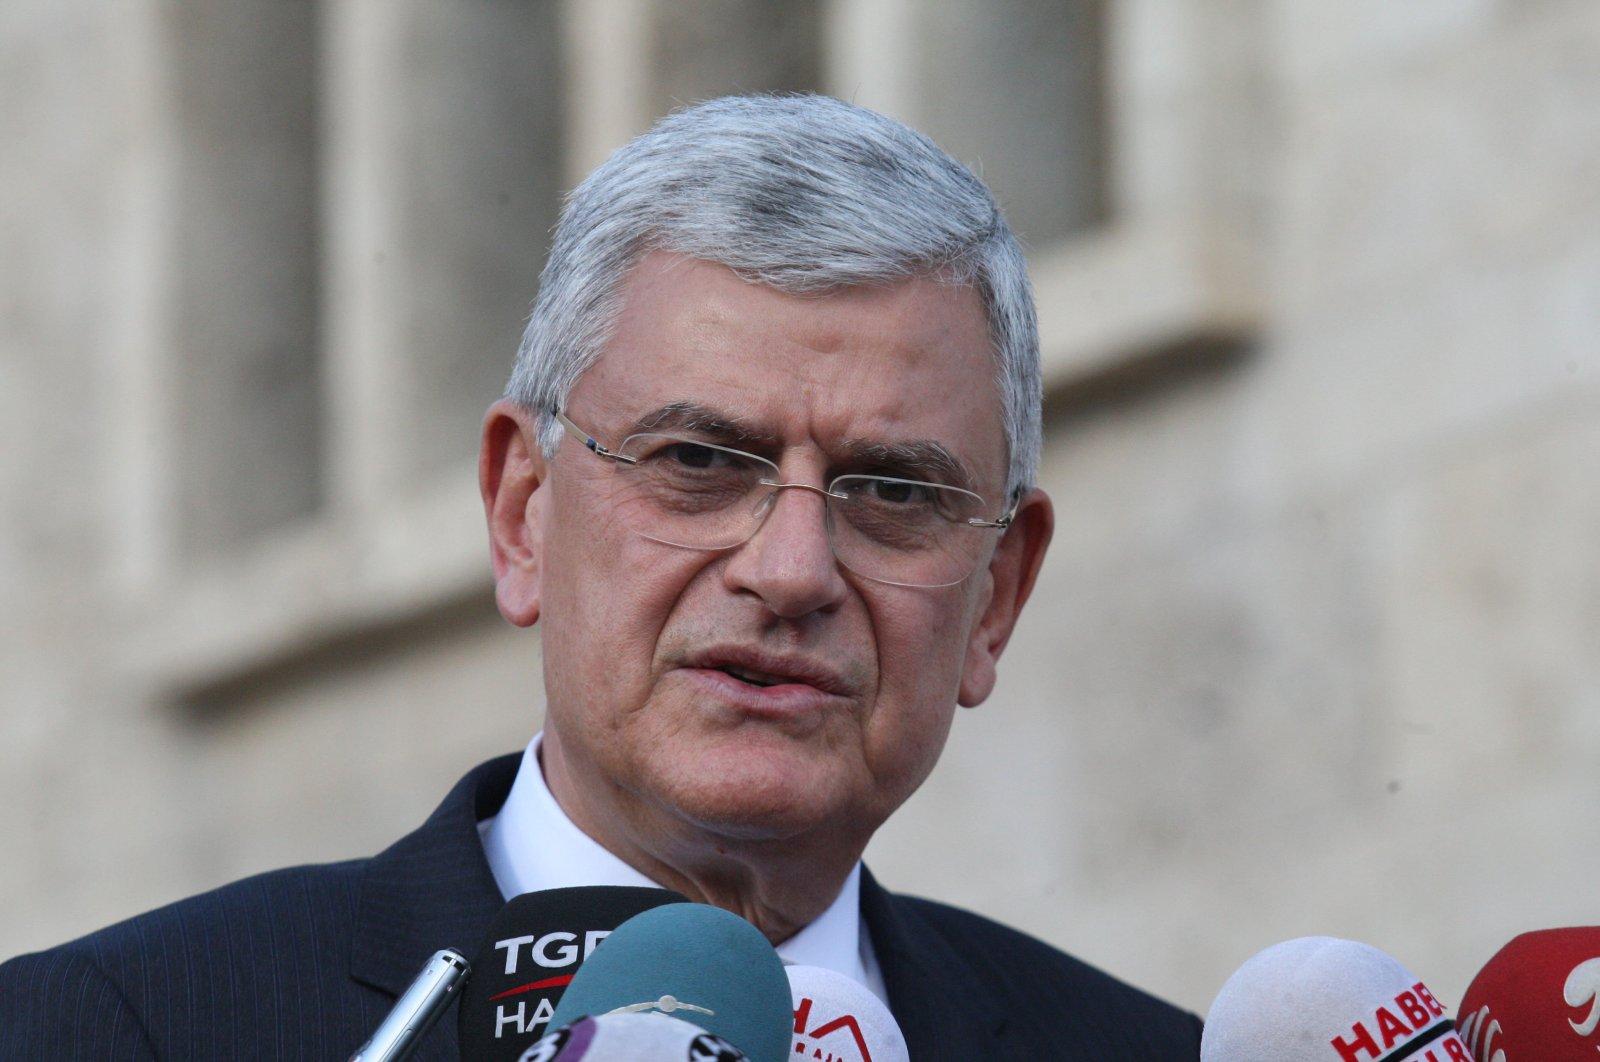 Ambassador Volkan Bozkır. (PHOTO BY ALİ EKEYILMAZ)